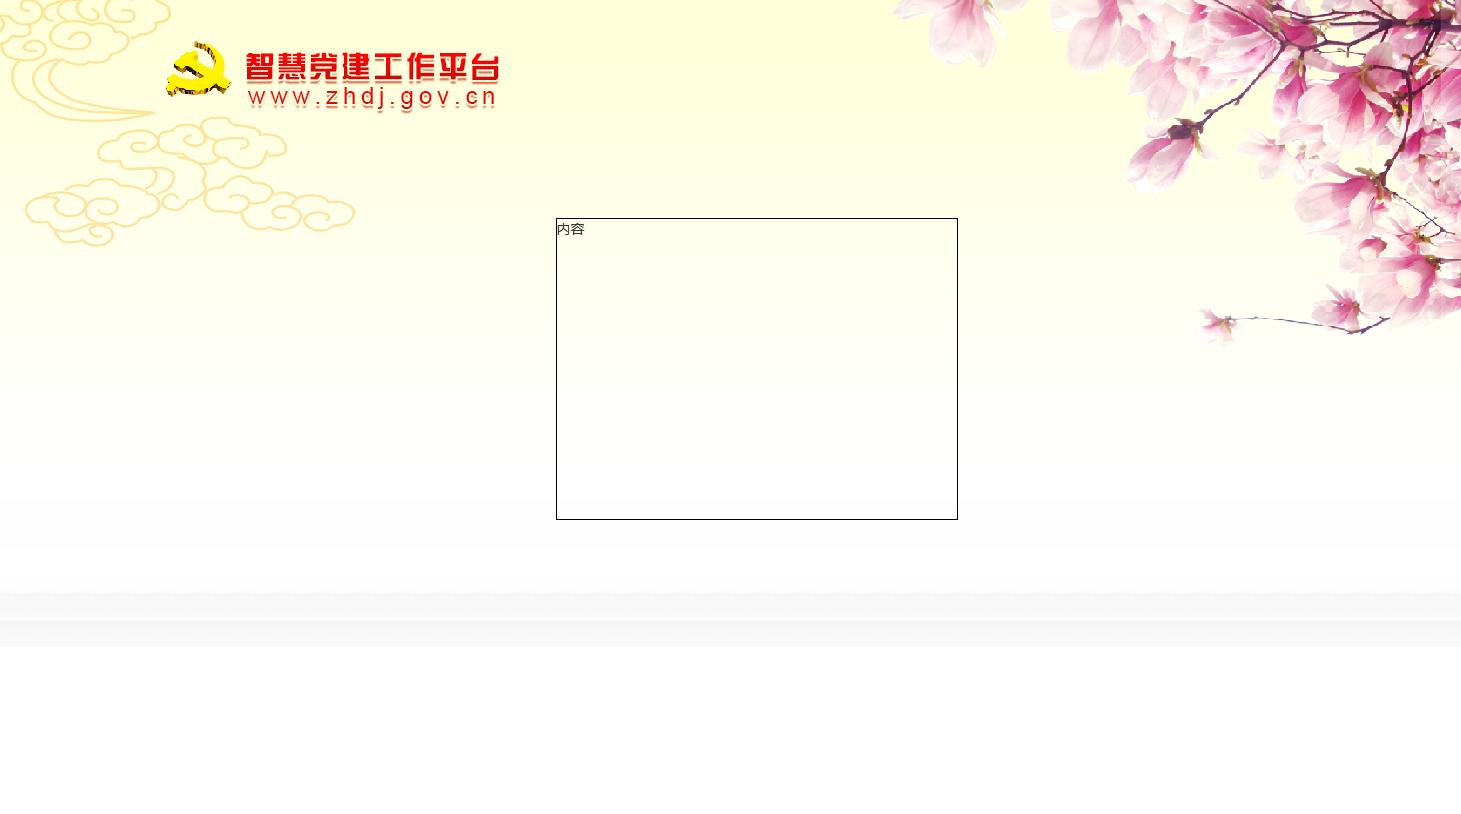 js设置图片宽度_如何让一个div内放两个背景图片,一个最左边,一个最右边 ...